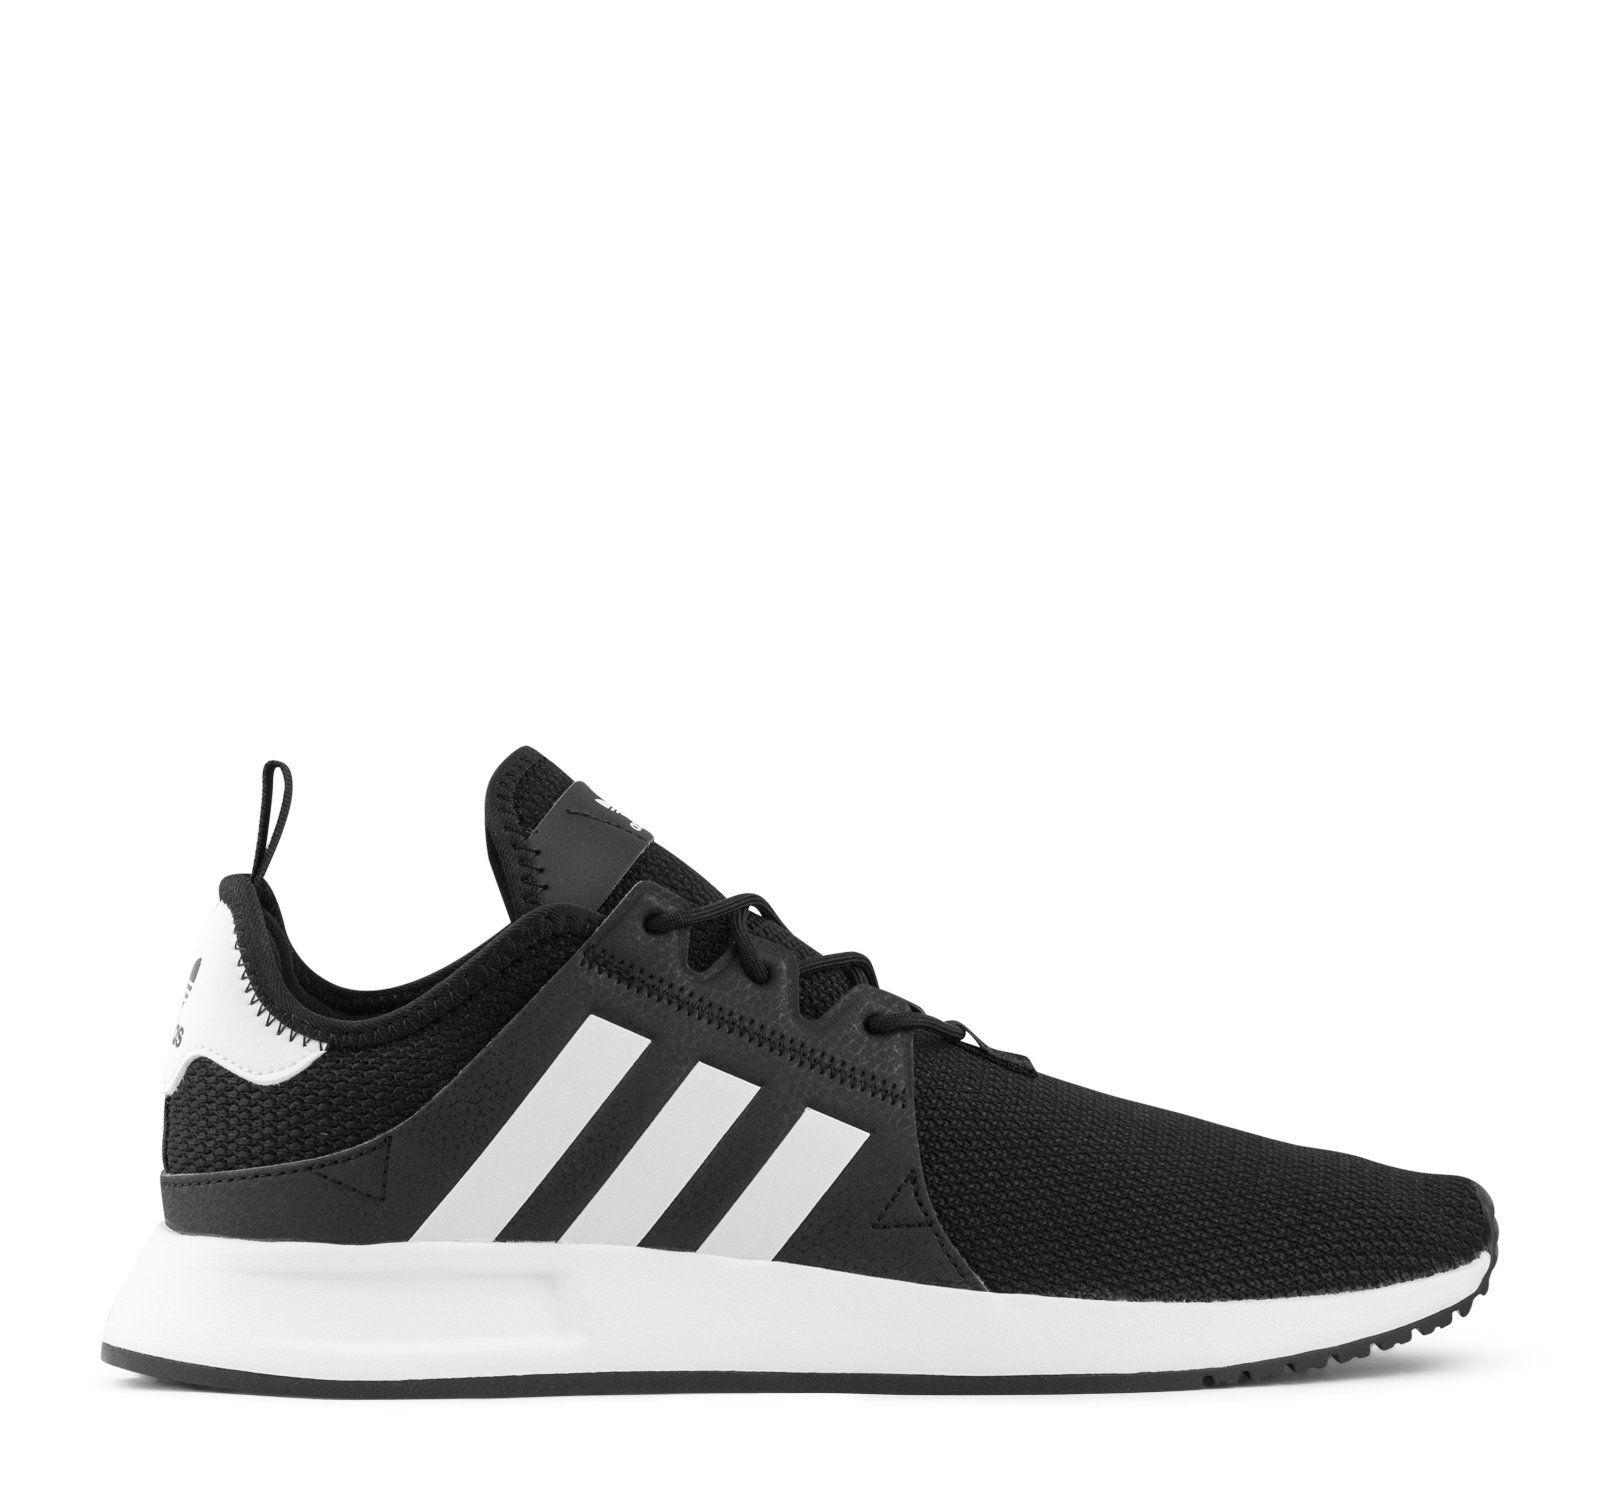 Adidas Originals X_PLR CQ2405 Men's